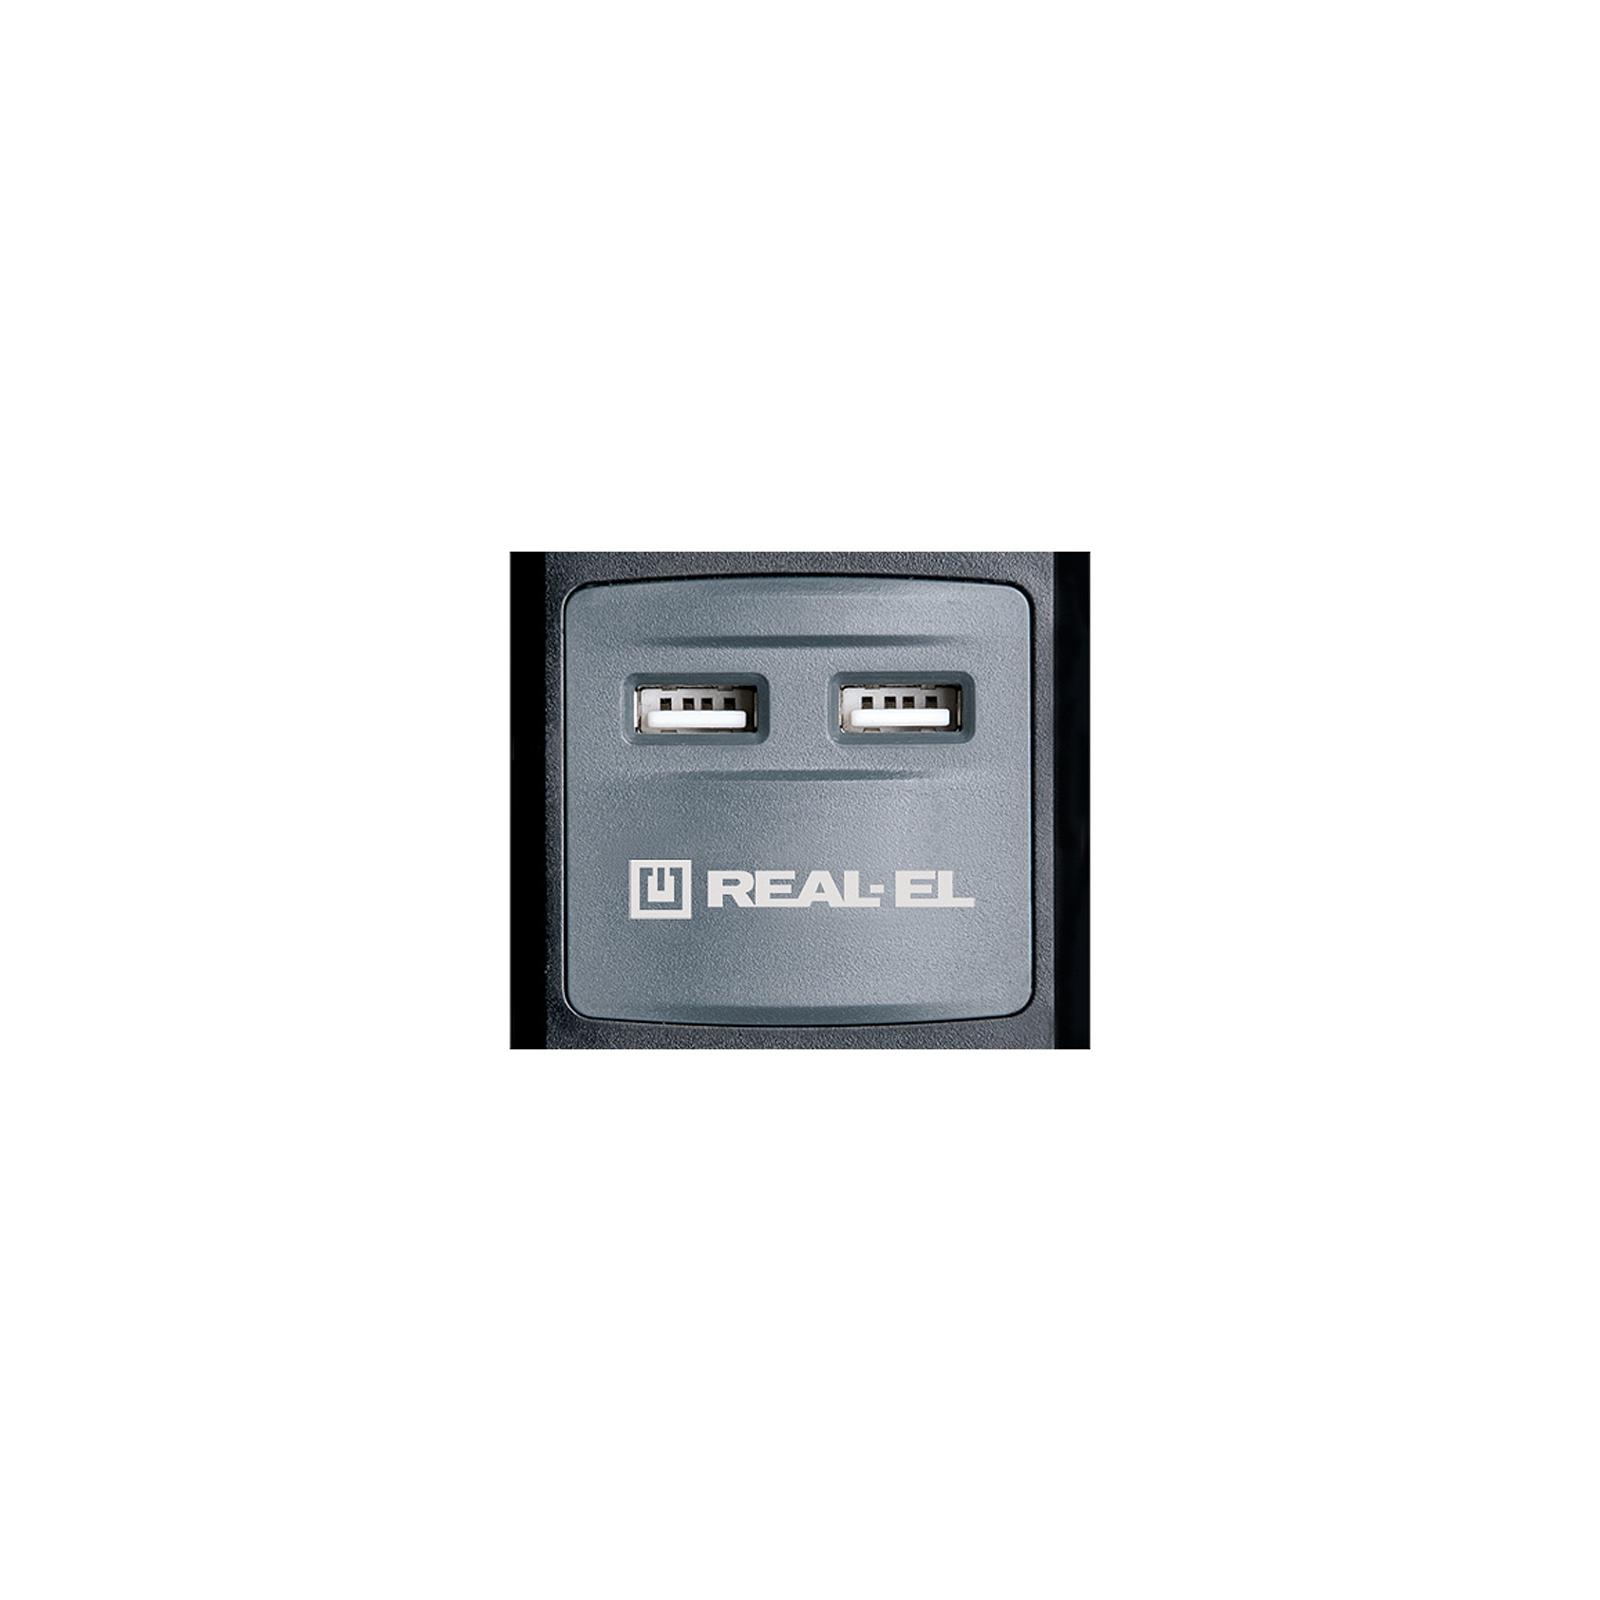 Сетевой удлинитель REAL-EL RS-5 USB CHARGE 3m, black (EL122500003) изображение 2